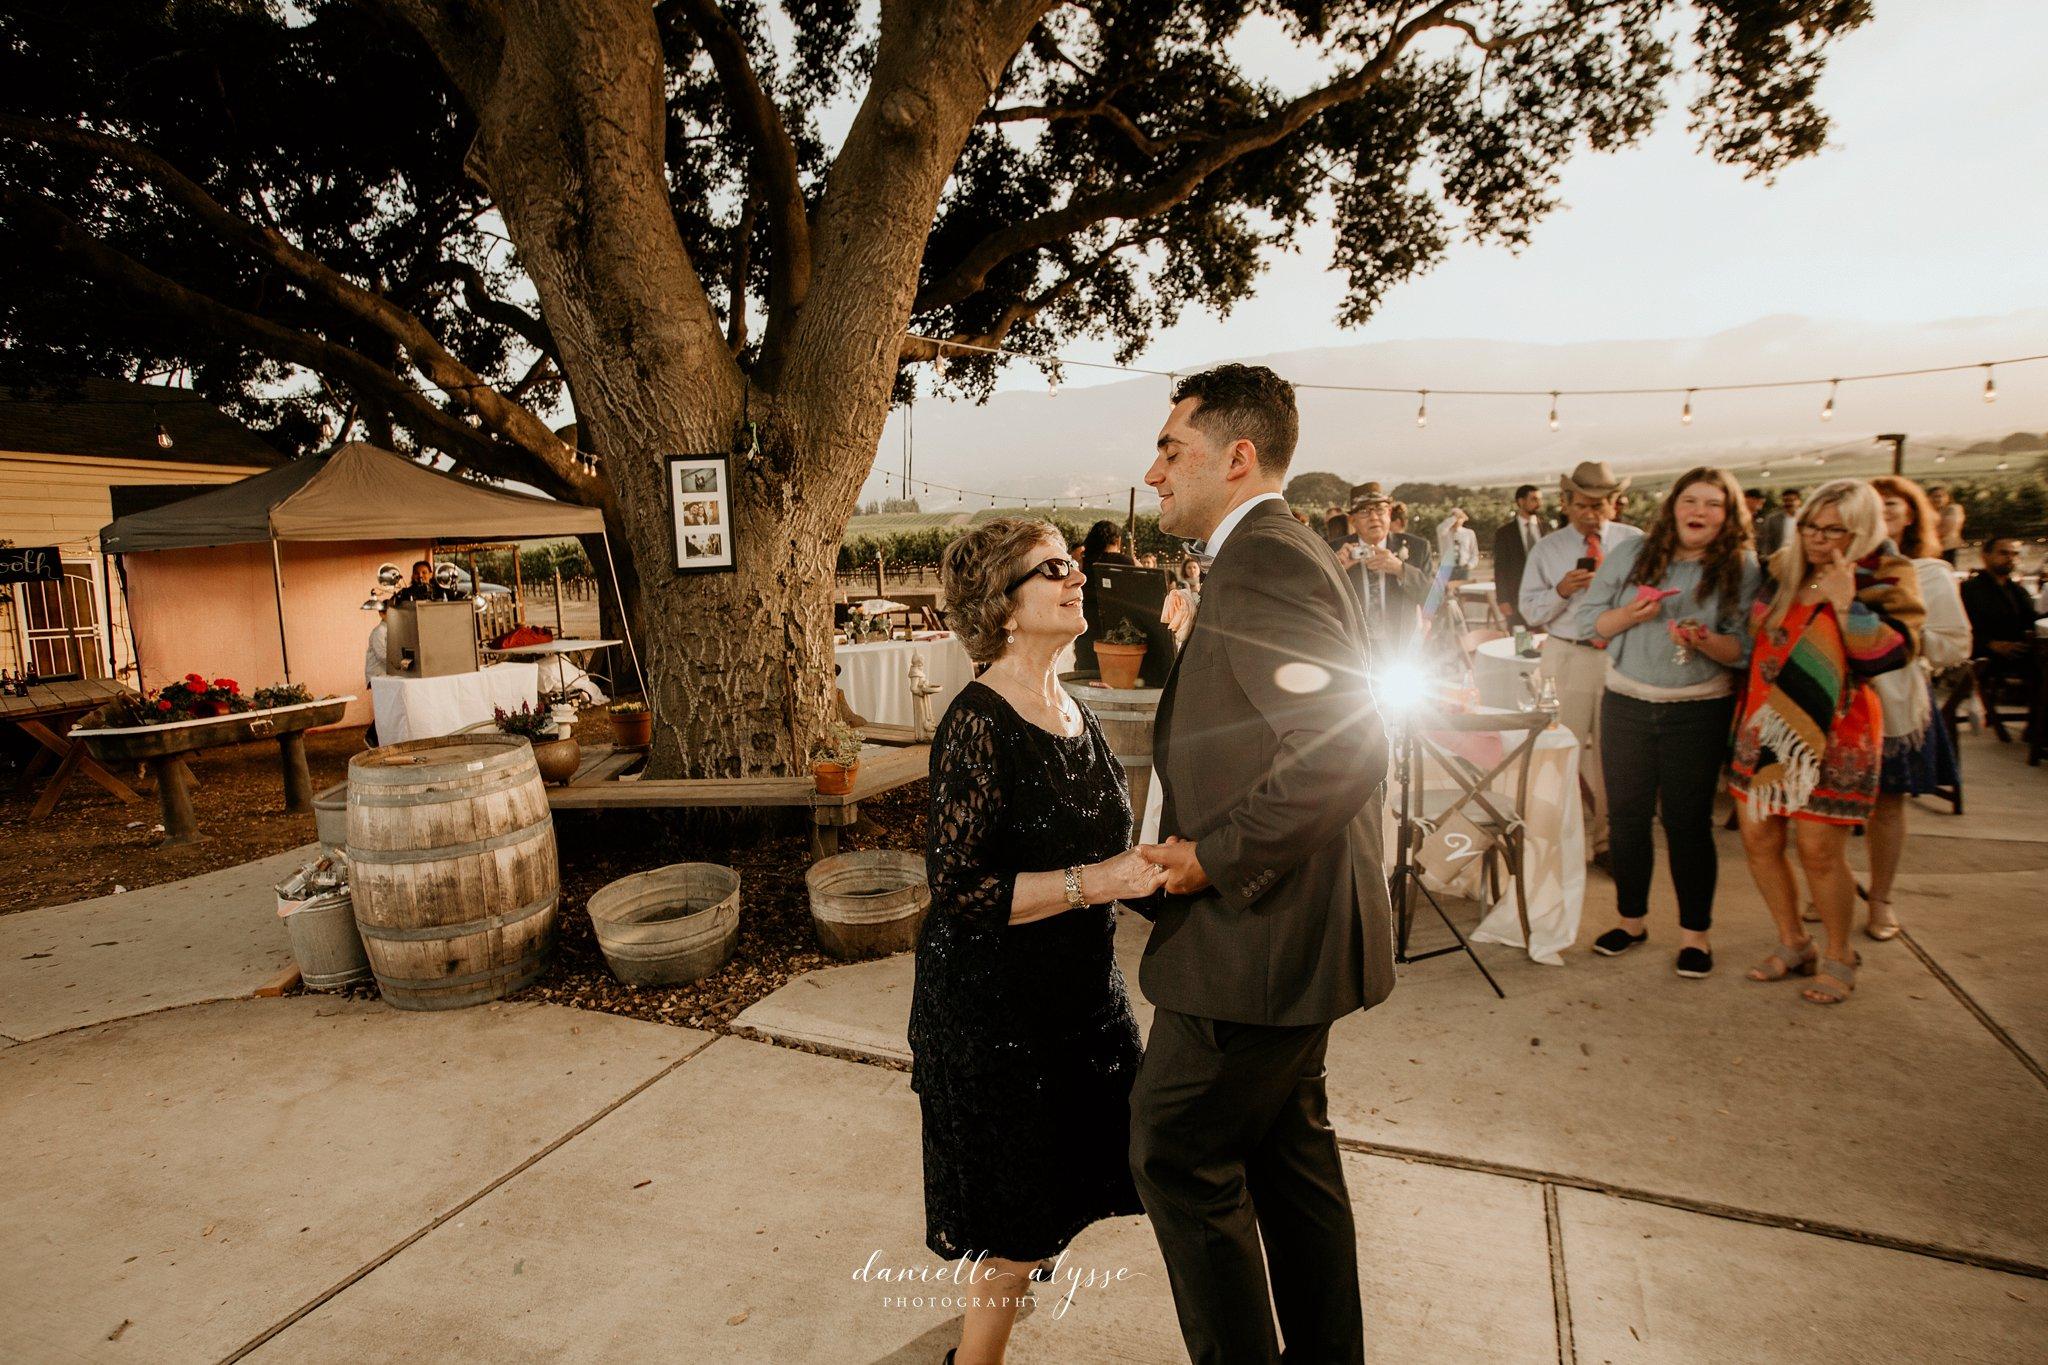 180630_wedding_lily_ryan_mission_soledad_california_danielle_alysse_photography_blog_1075_WEB.jpg